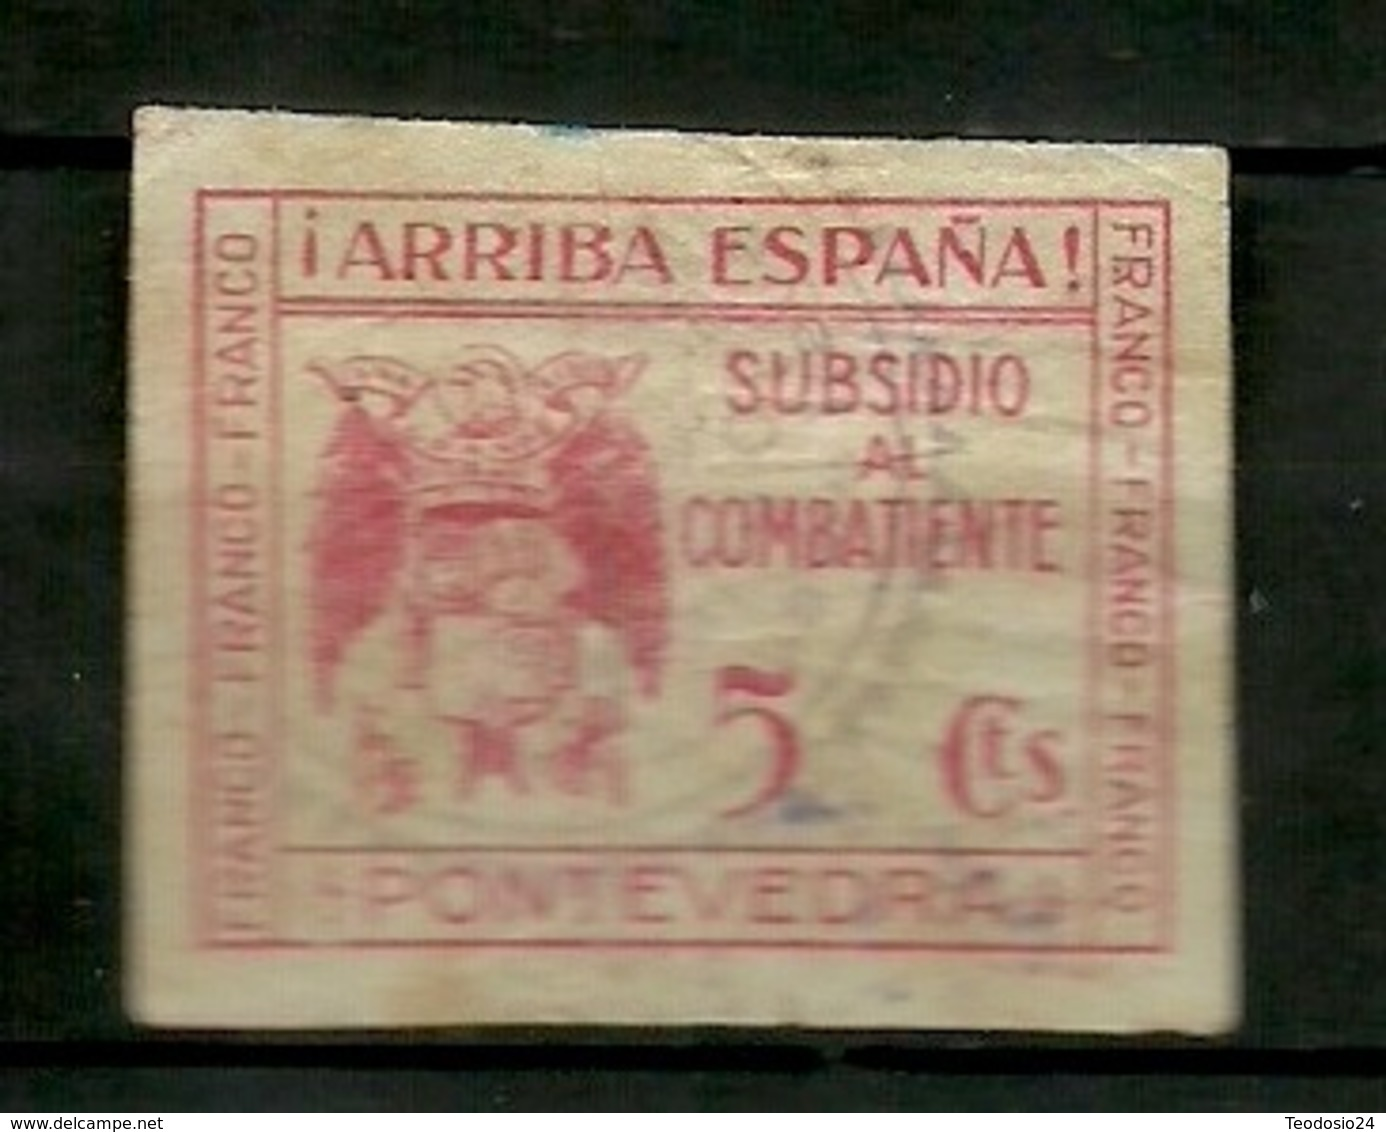 Subsidio Combatiente Pontevedra - Verschlussmarken Bürgerkrieg